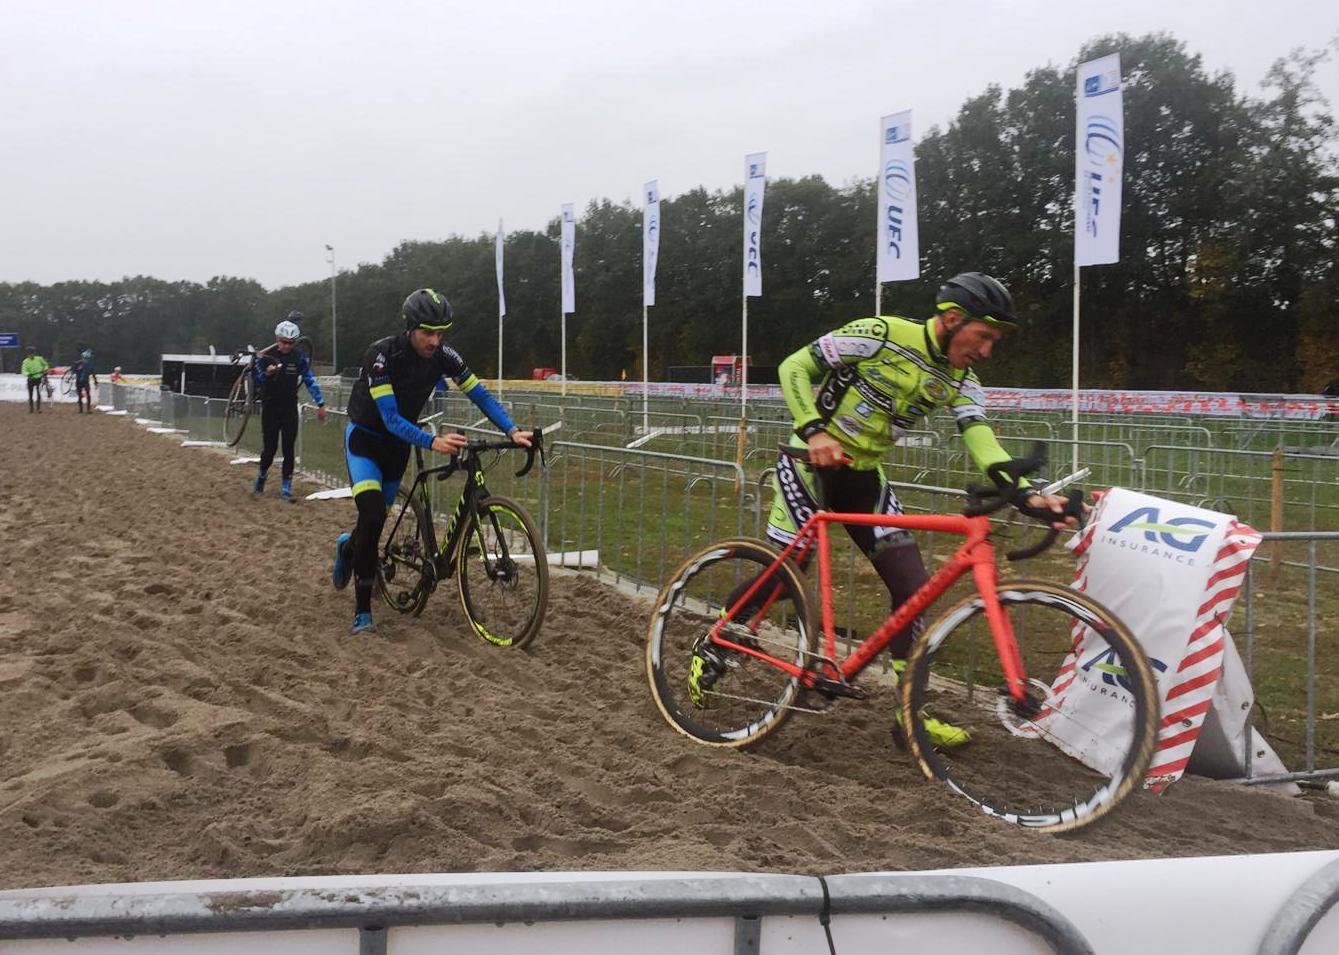 Mtb Santa Marinella-Cicli Montanini: Mariuzzo e Feltre nella top 10 degli Europei di ciclocross in Olanda